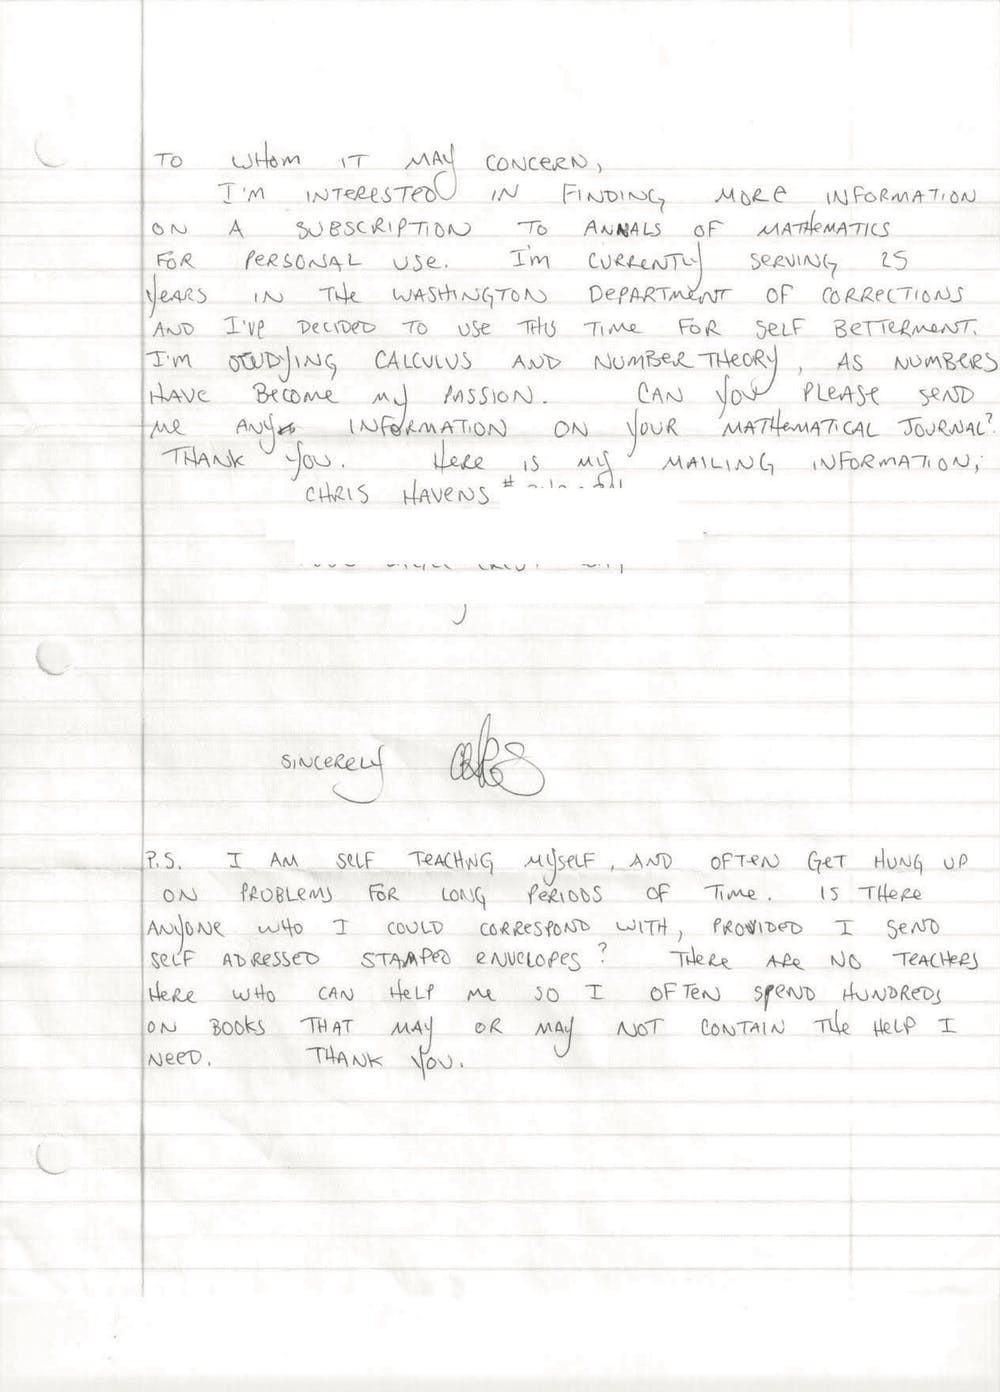 囚犯靠自學「變數學天才」在獄中「發表論文」專家也得請教他